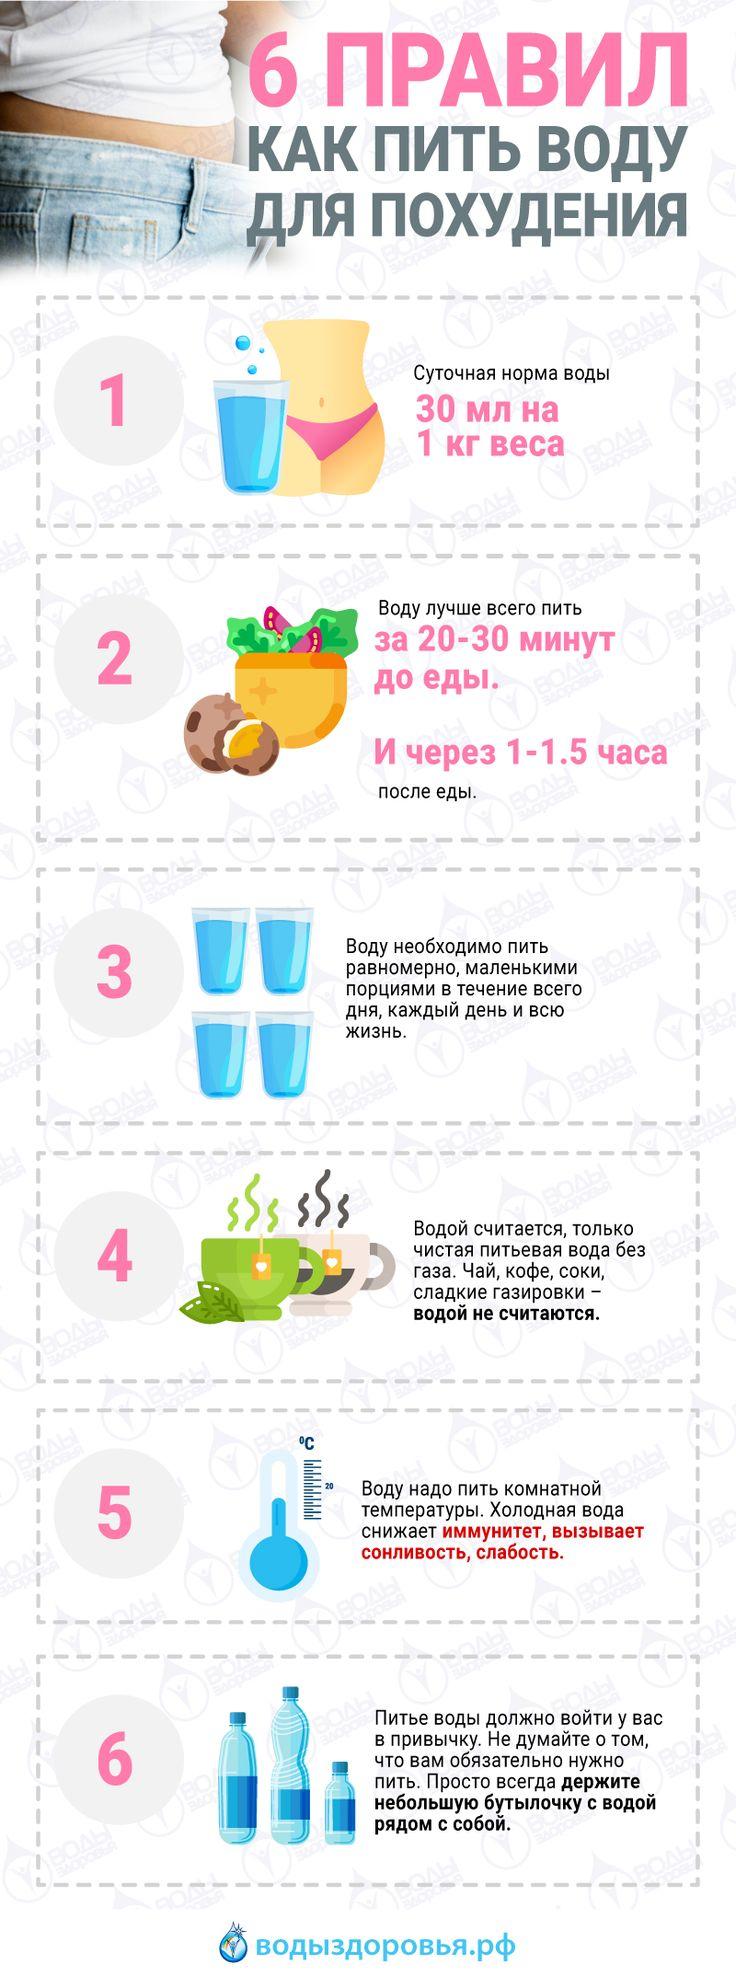 Прием Воды При Похудении. Вода при похудении и диете: рецепты напитков